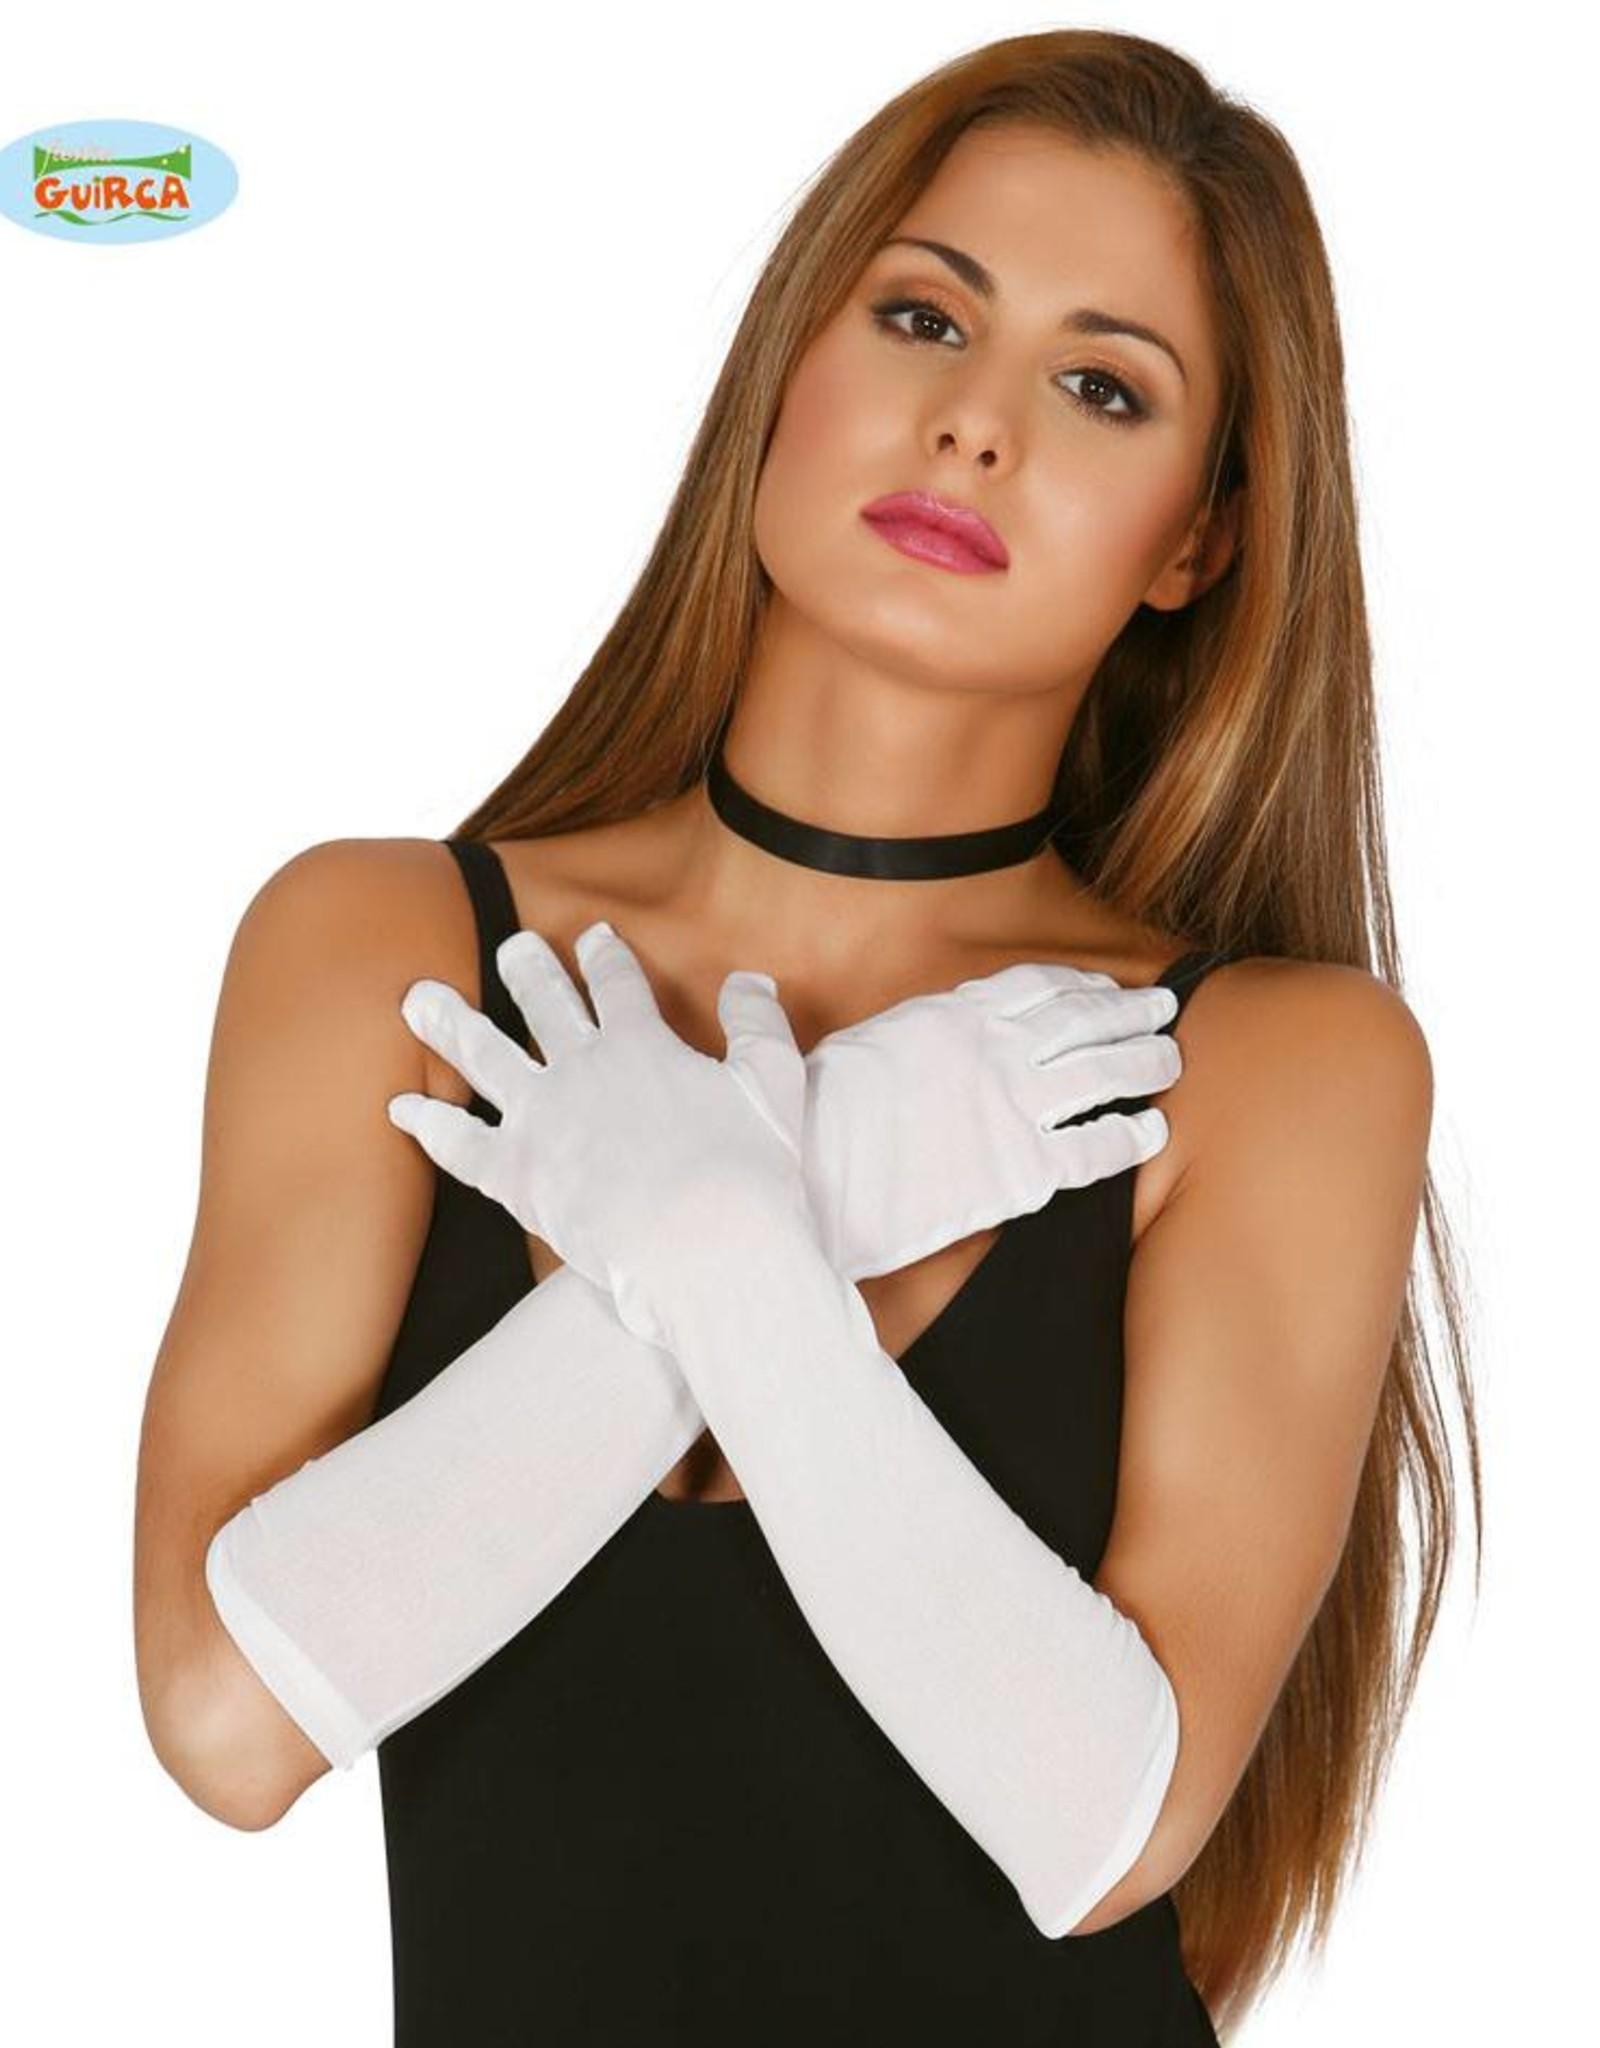 FIESTAS GUIRCA handschoenen wit 45 cm.